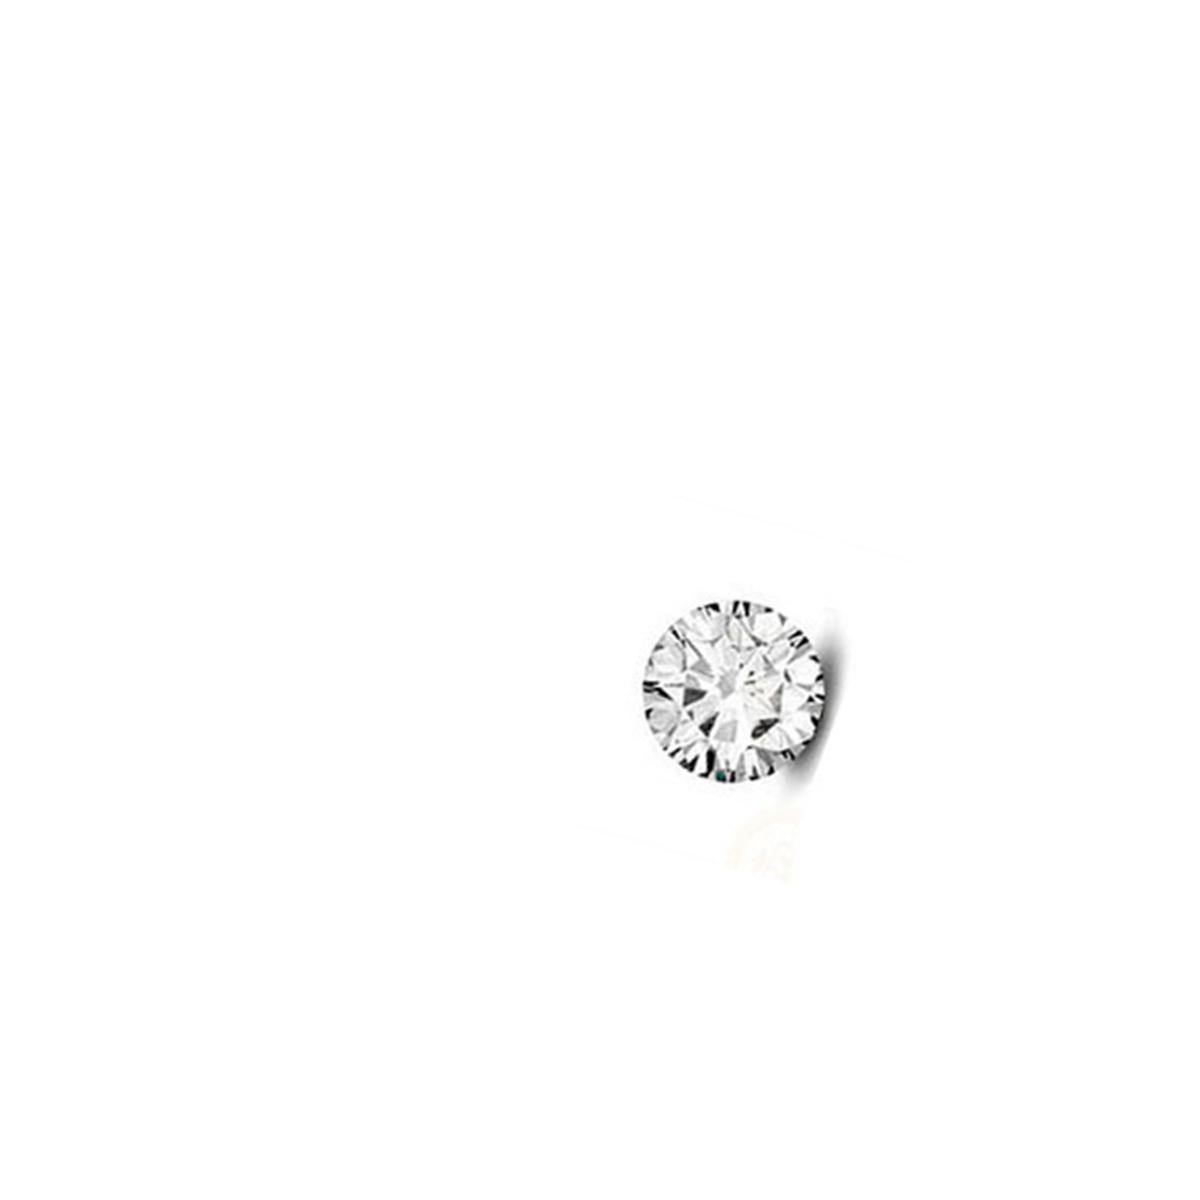 鸾凤珠宝 GIA证书 54分 净度VVS2 颜色I 完美切工3EX 裸钻石特价